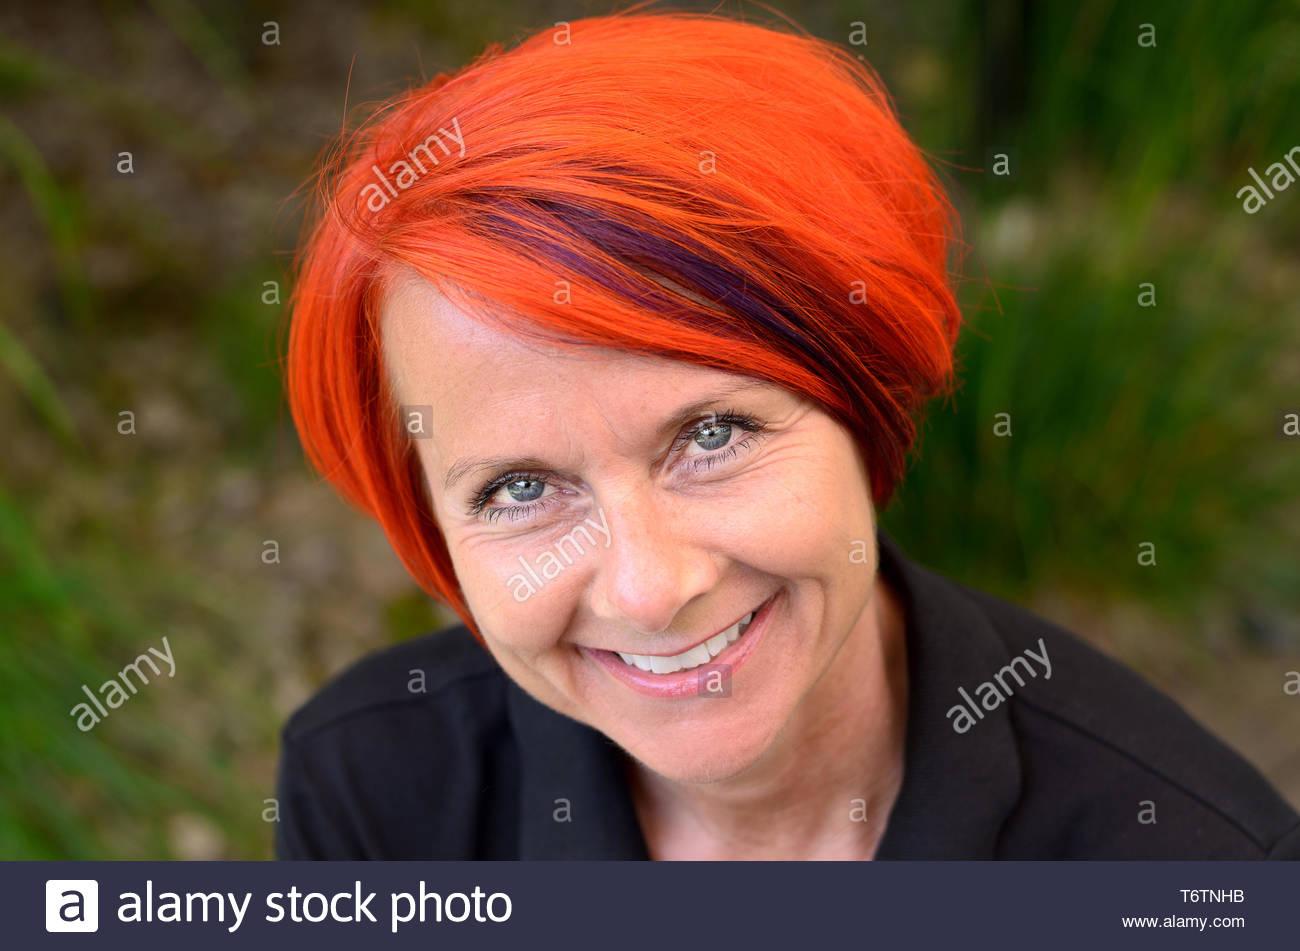 Atractivo sincero sonriente pelirroja mujer Imagen De Stock